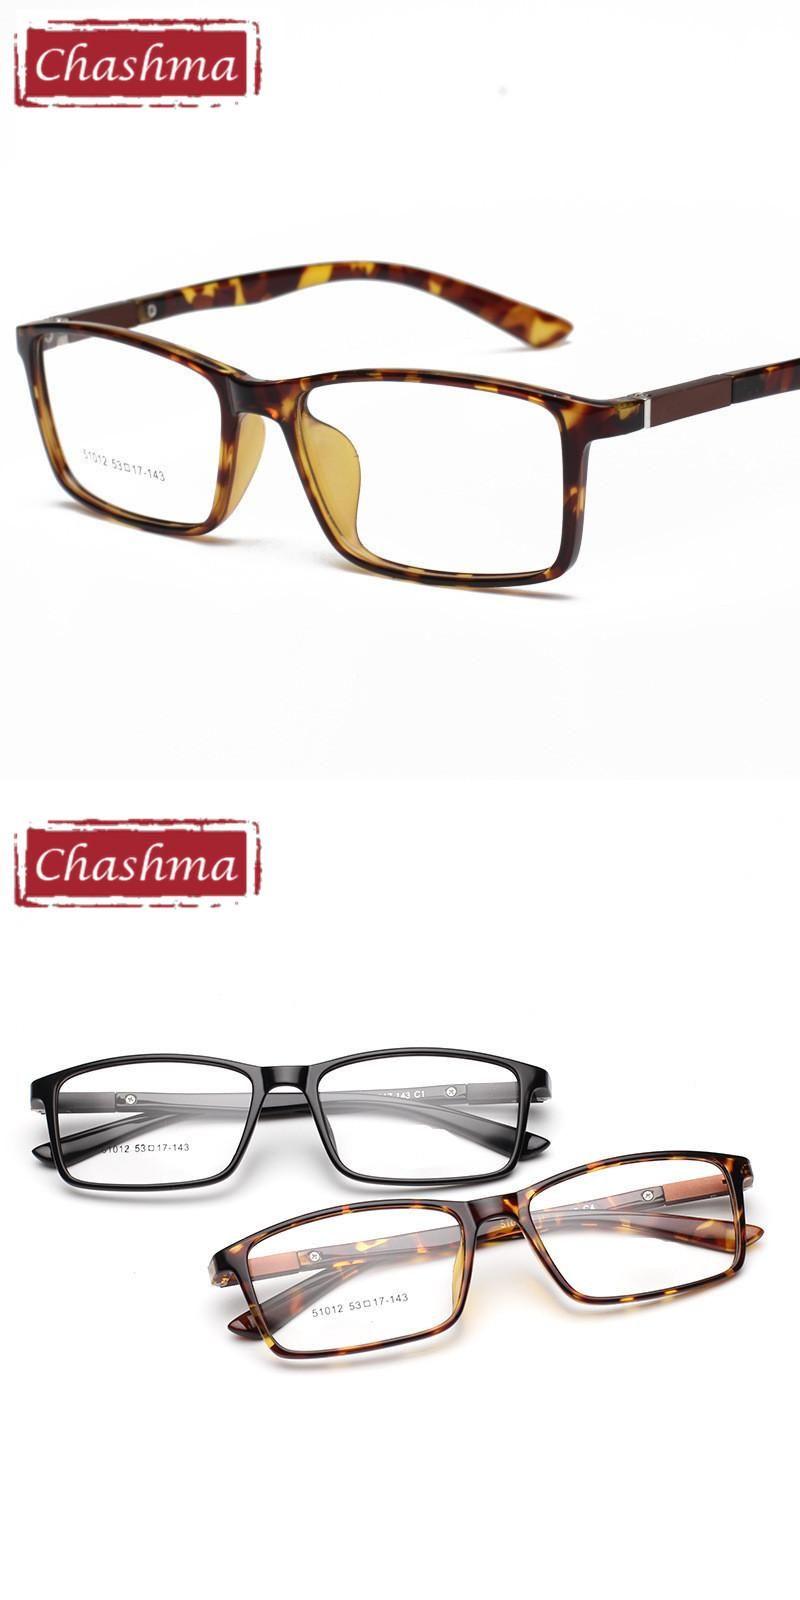 Chashma Slim TR 90 Light Eye Glasses Rectangle Frame Girl and Boy ...